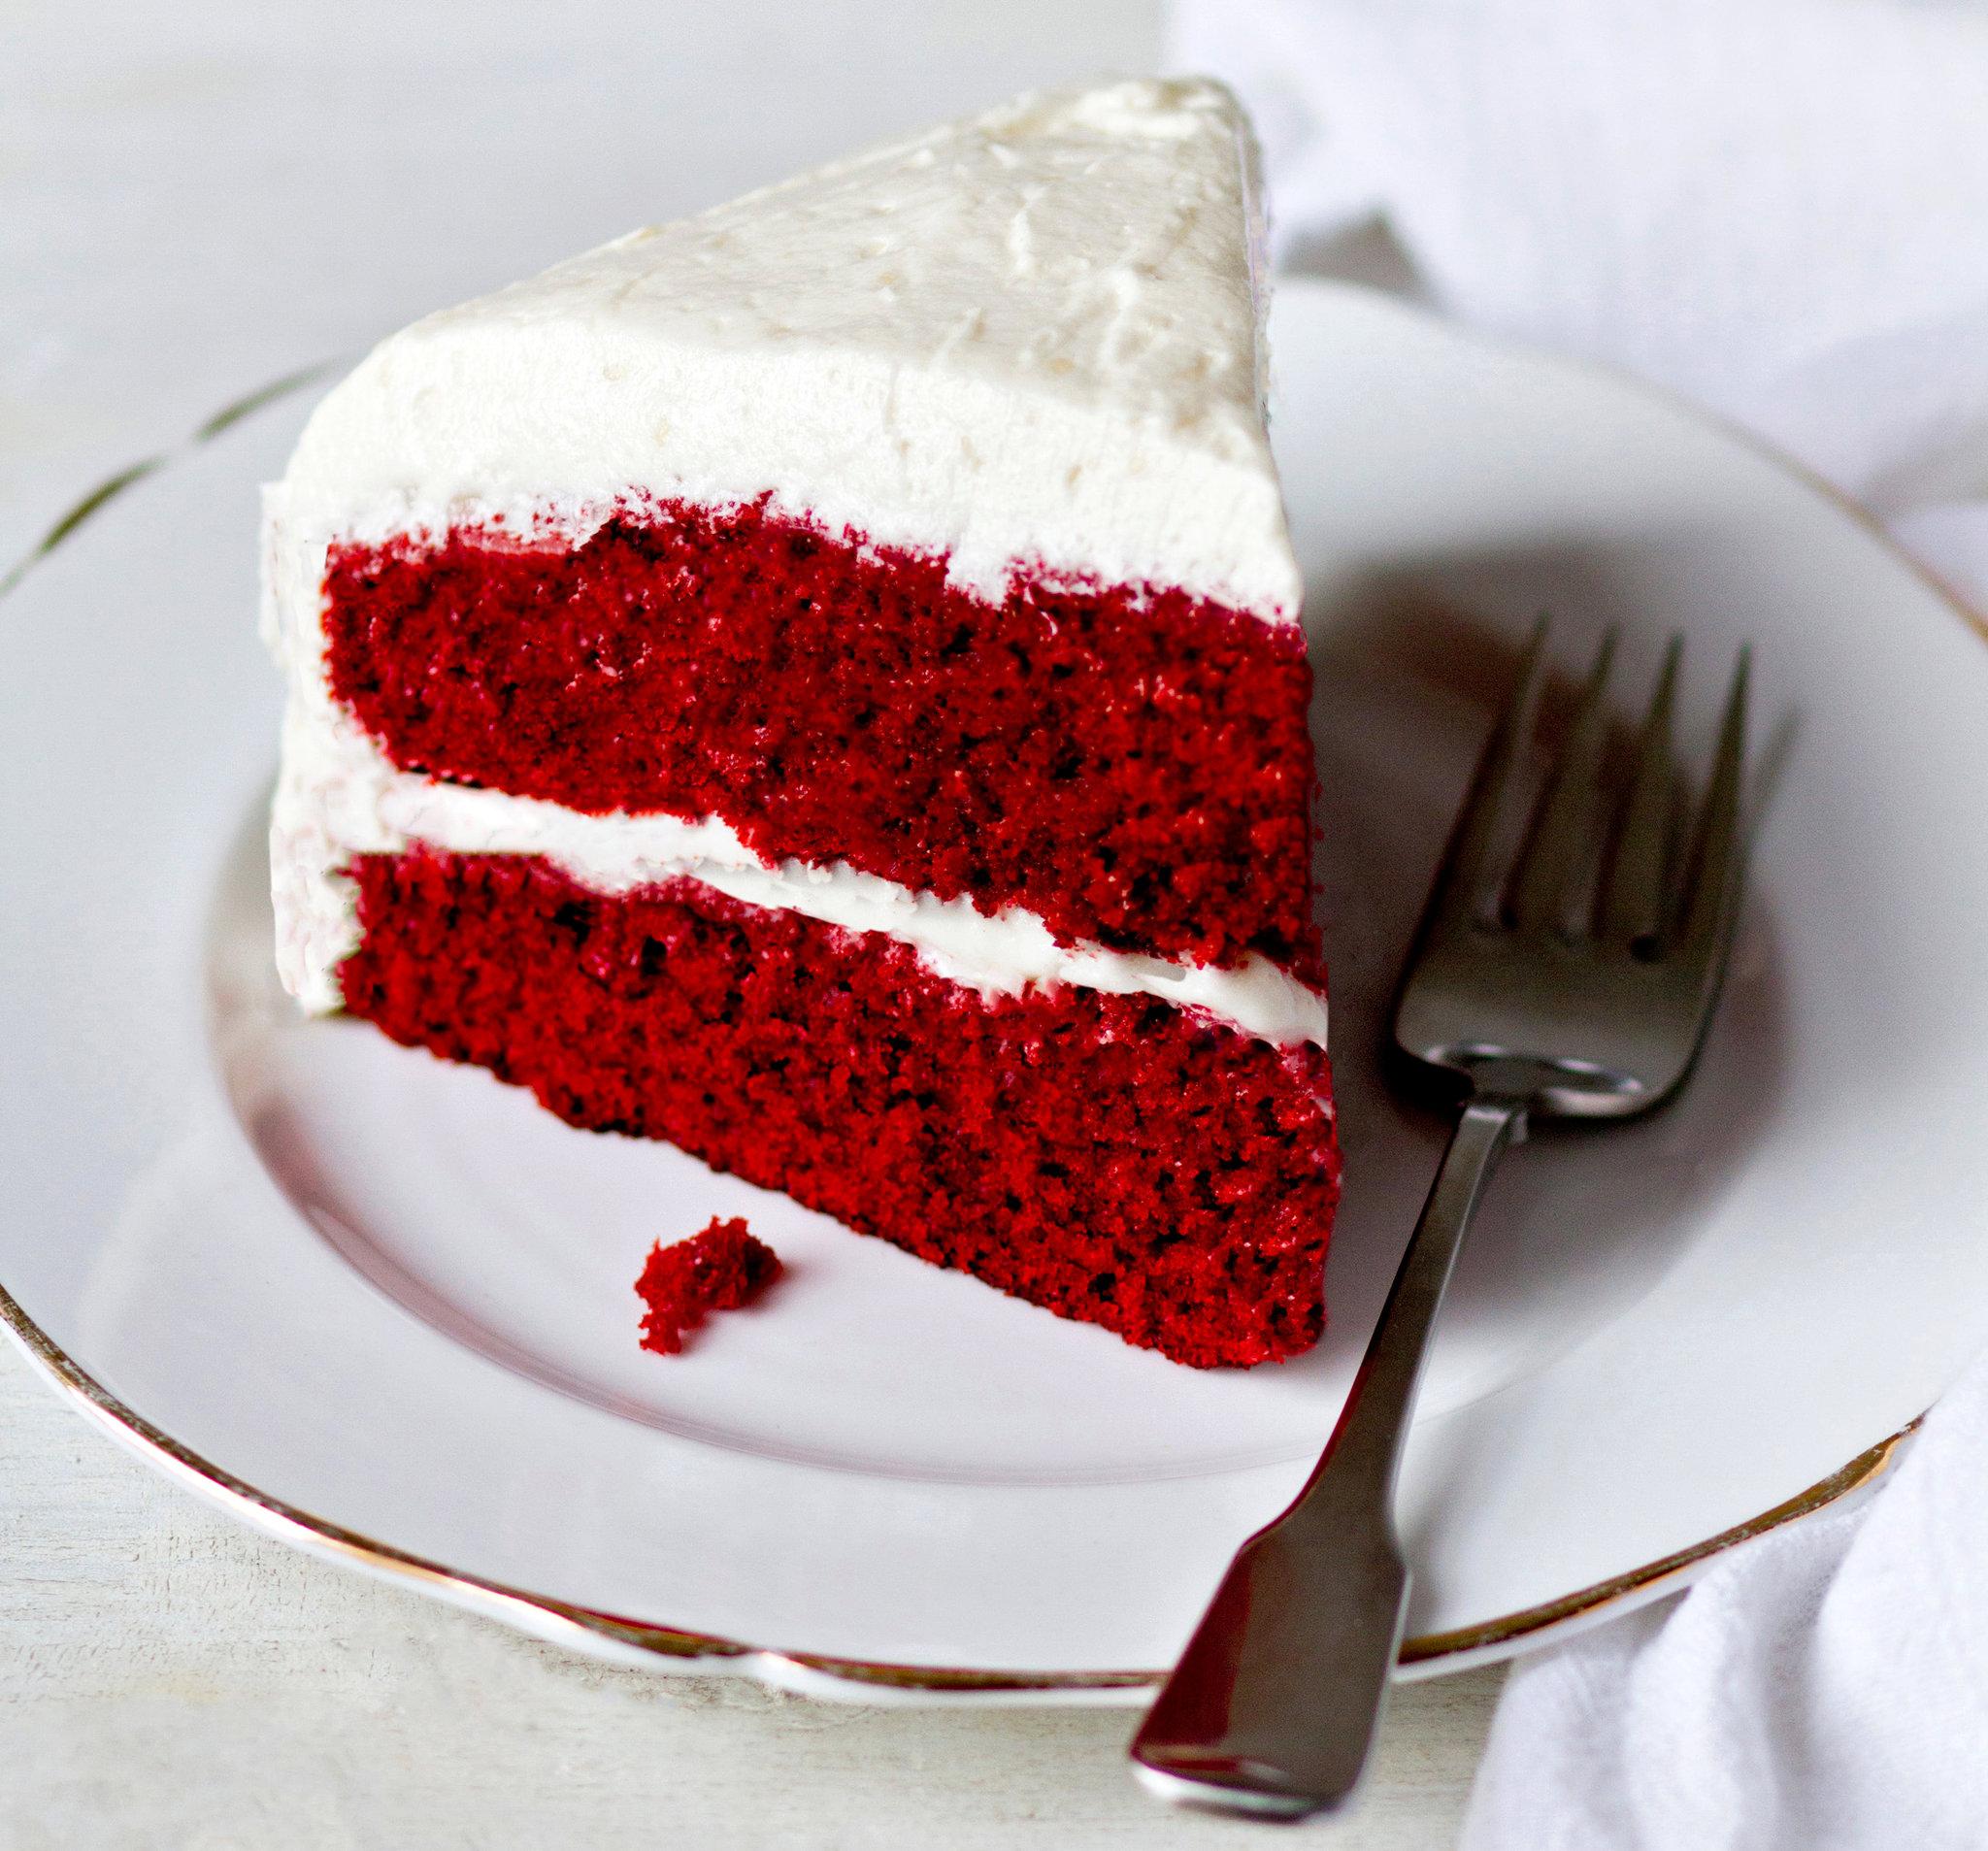 Fancy Red Velvet Cake Recipe